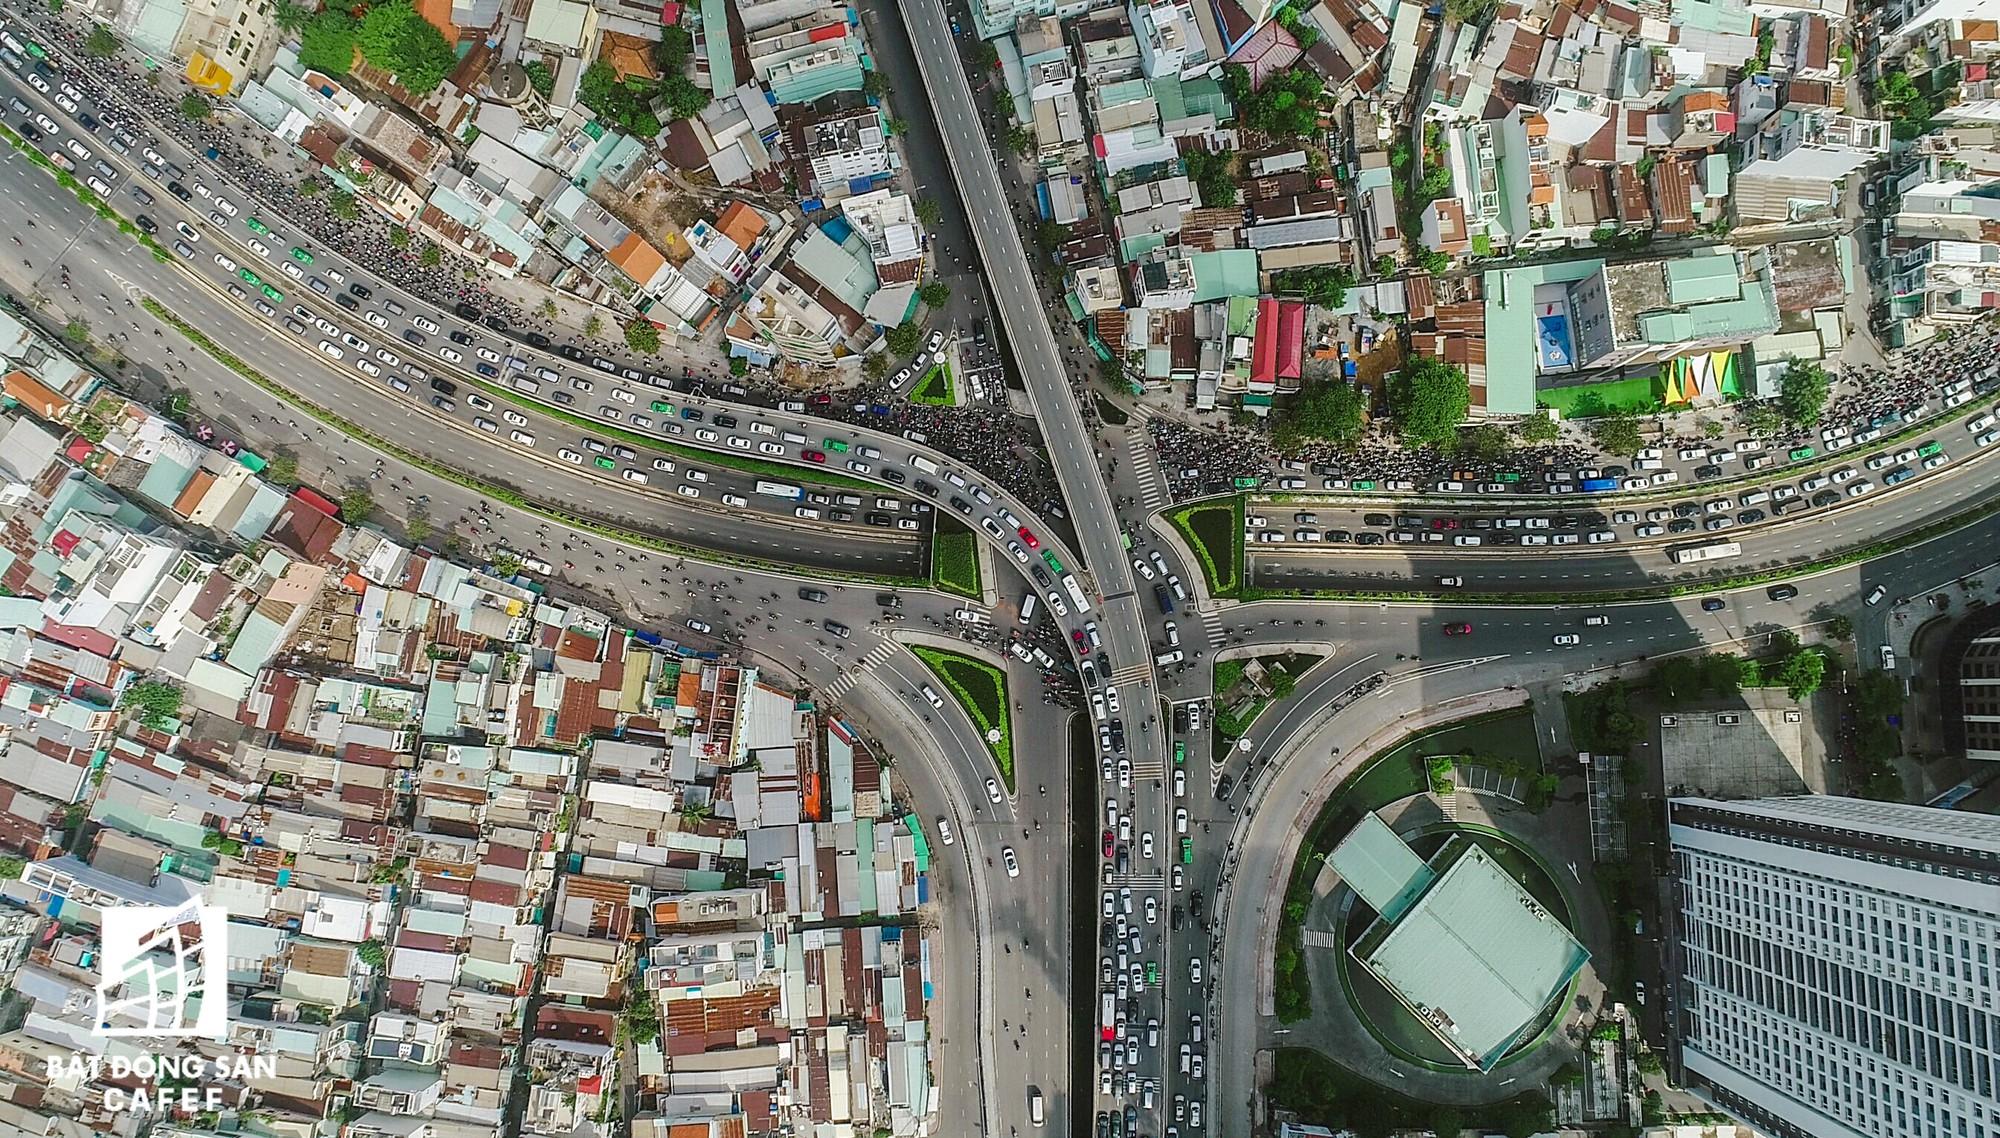 Những cửa ngõ ra vào trung tâm Sài Gòn đang bị 'bóp nghẹt' như thế nào? - Ảnh 1.